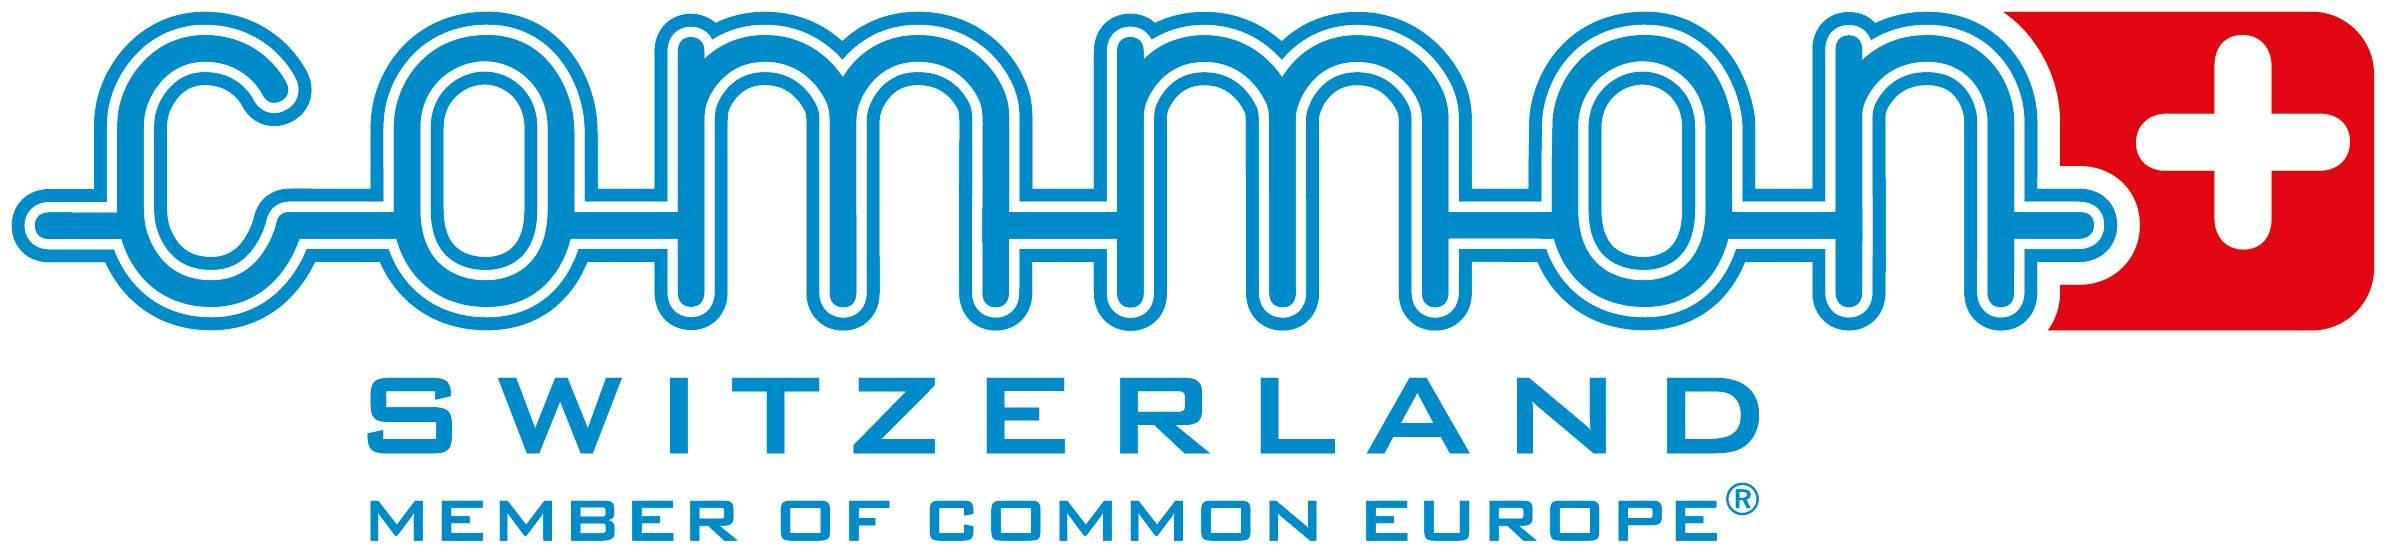 Logo COMMON Switzerland